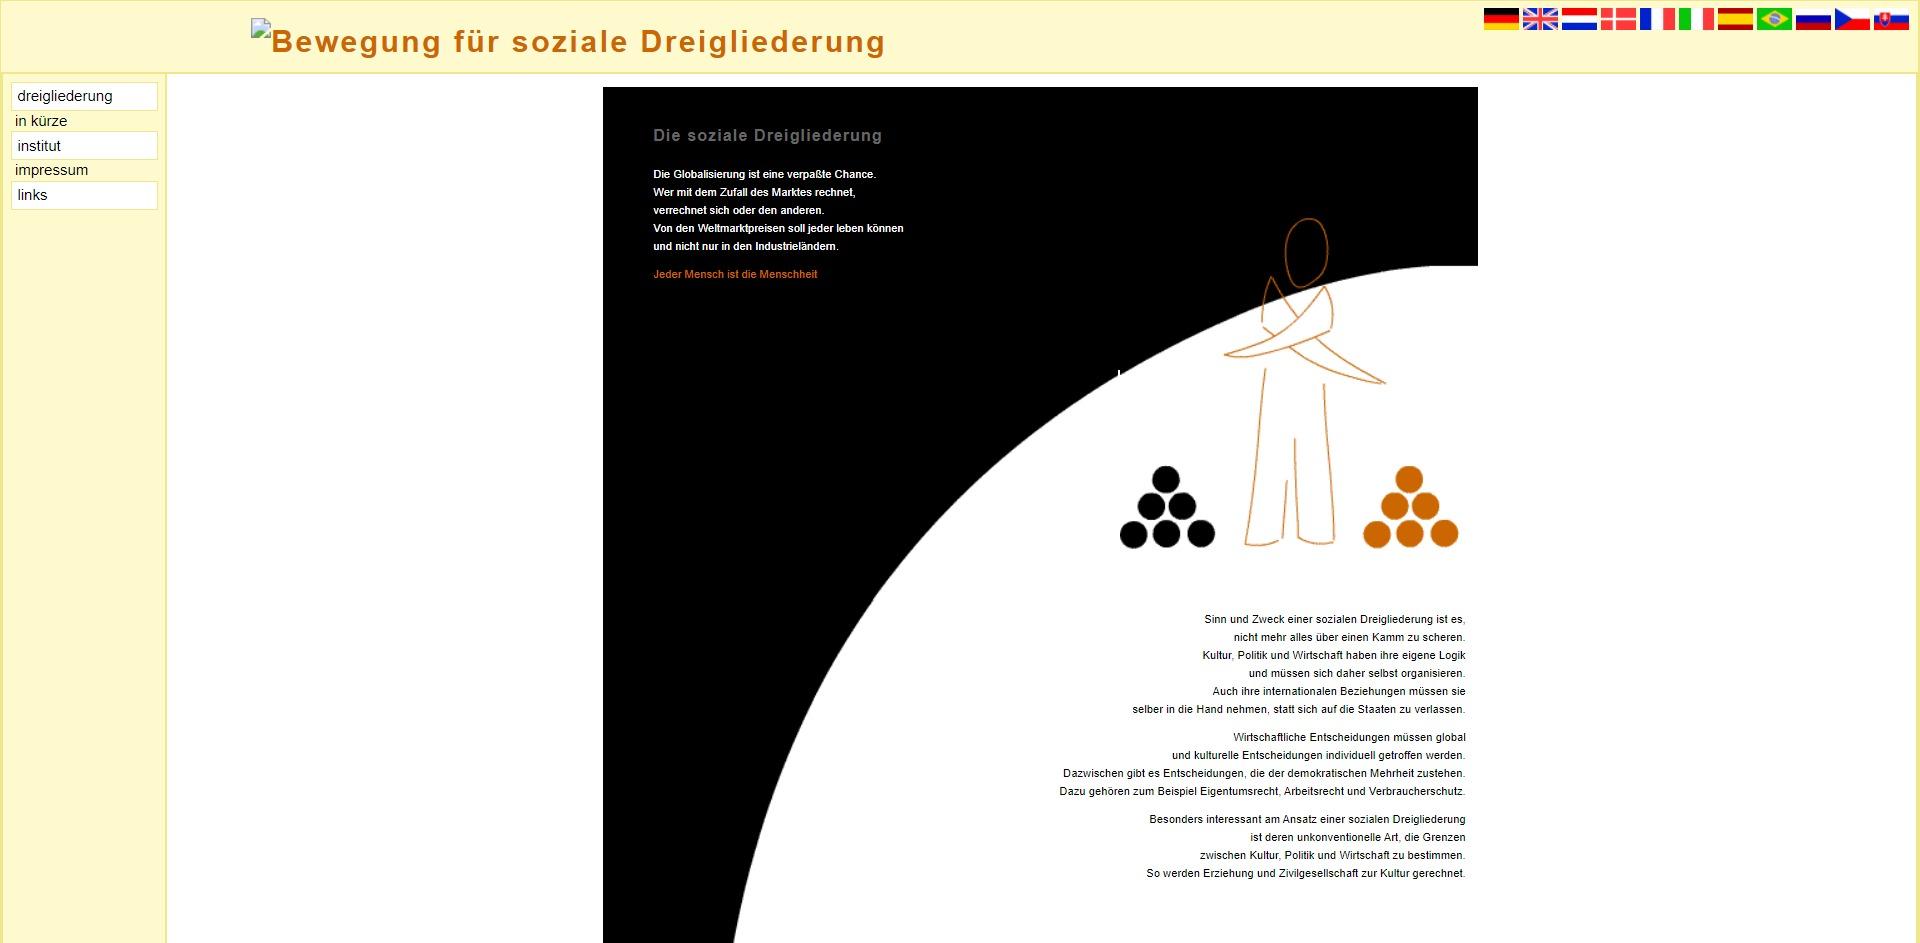 Soziale Dreigliederung - dreigliederung.org